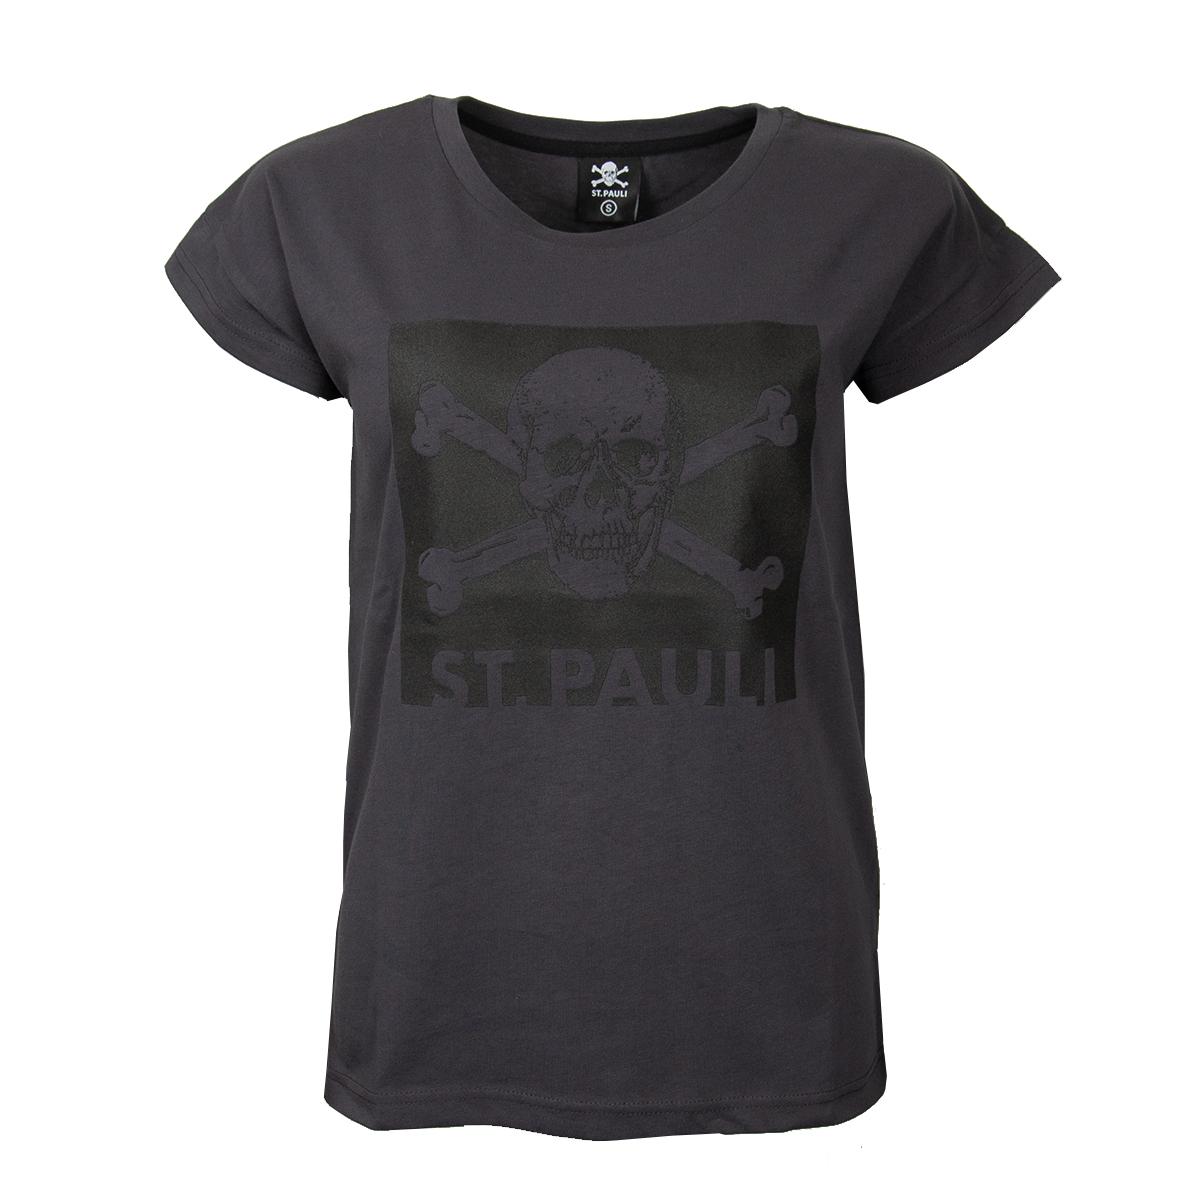 FC St. Pauli - Damen T-Shirt Black Box Totenkopf - grau